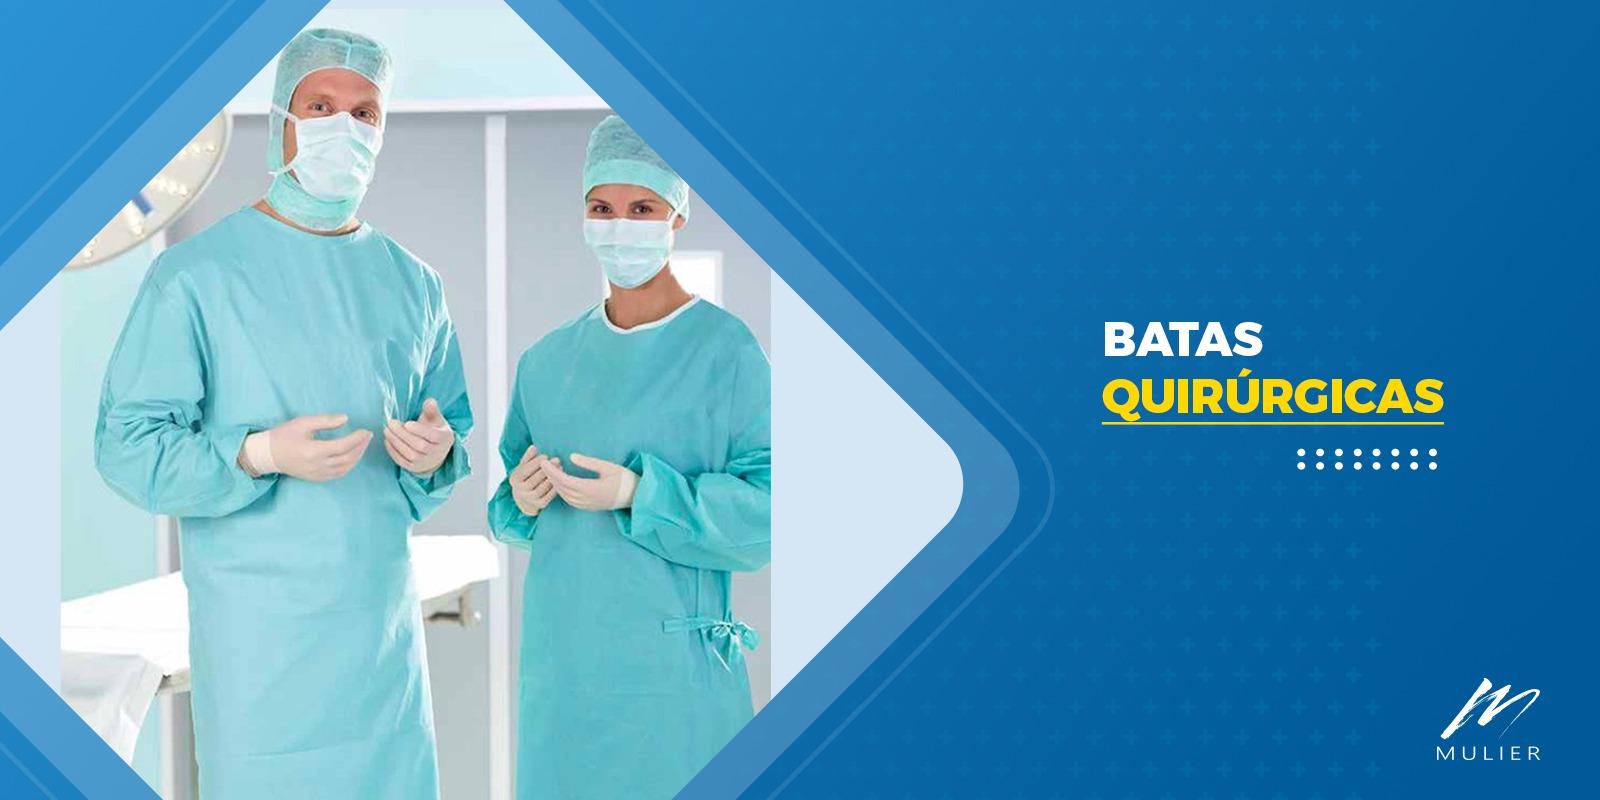 Batas Quirurgicas